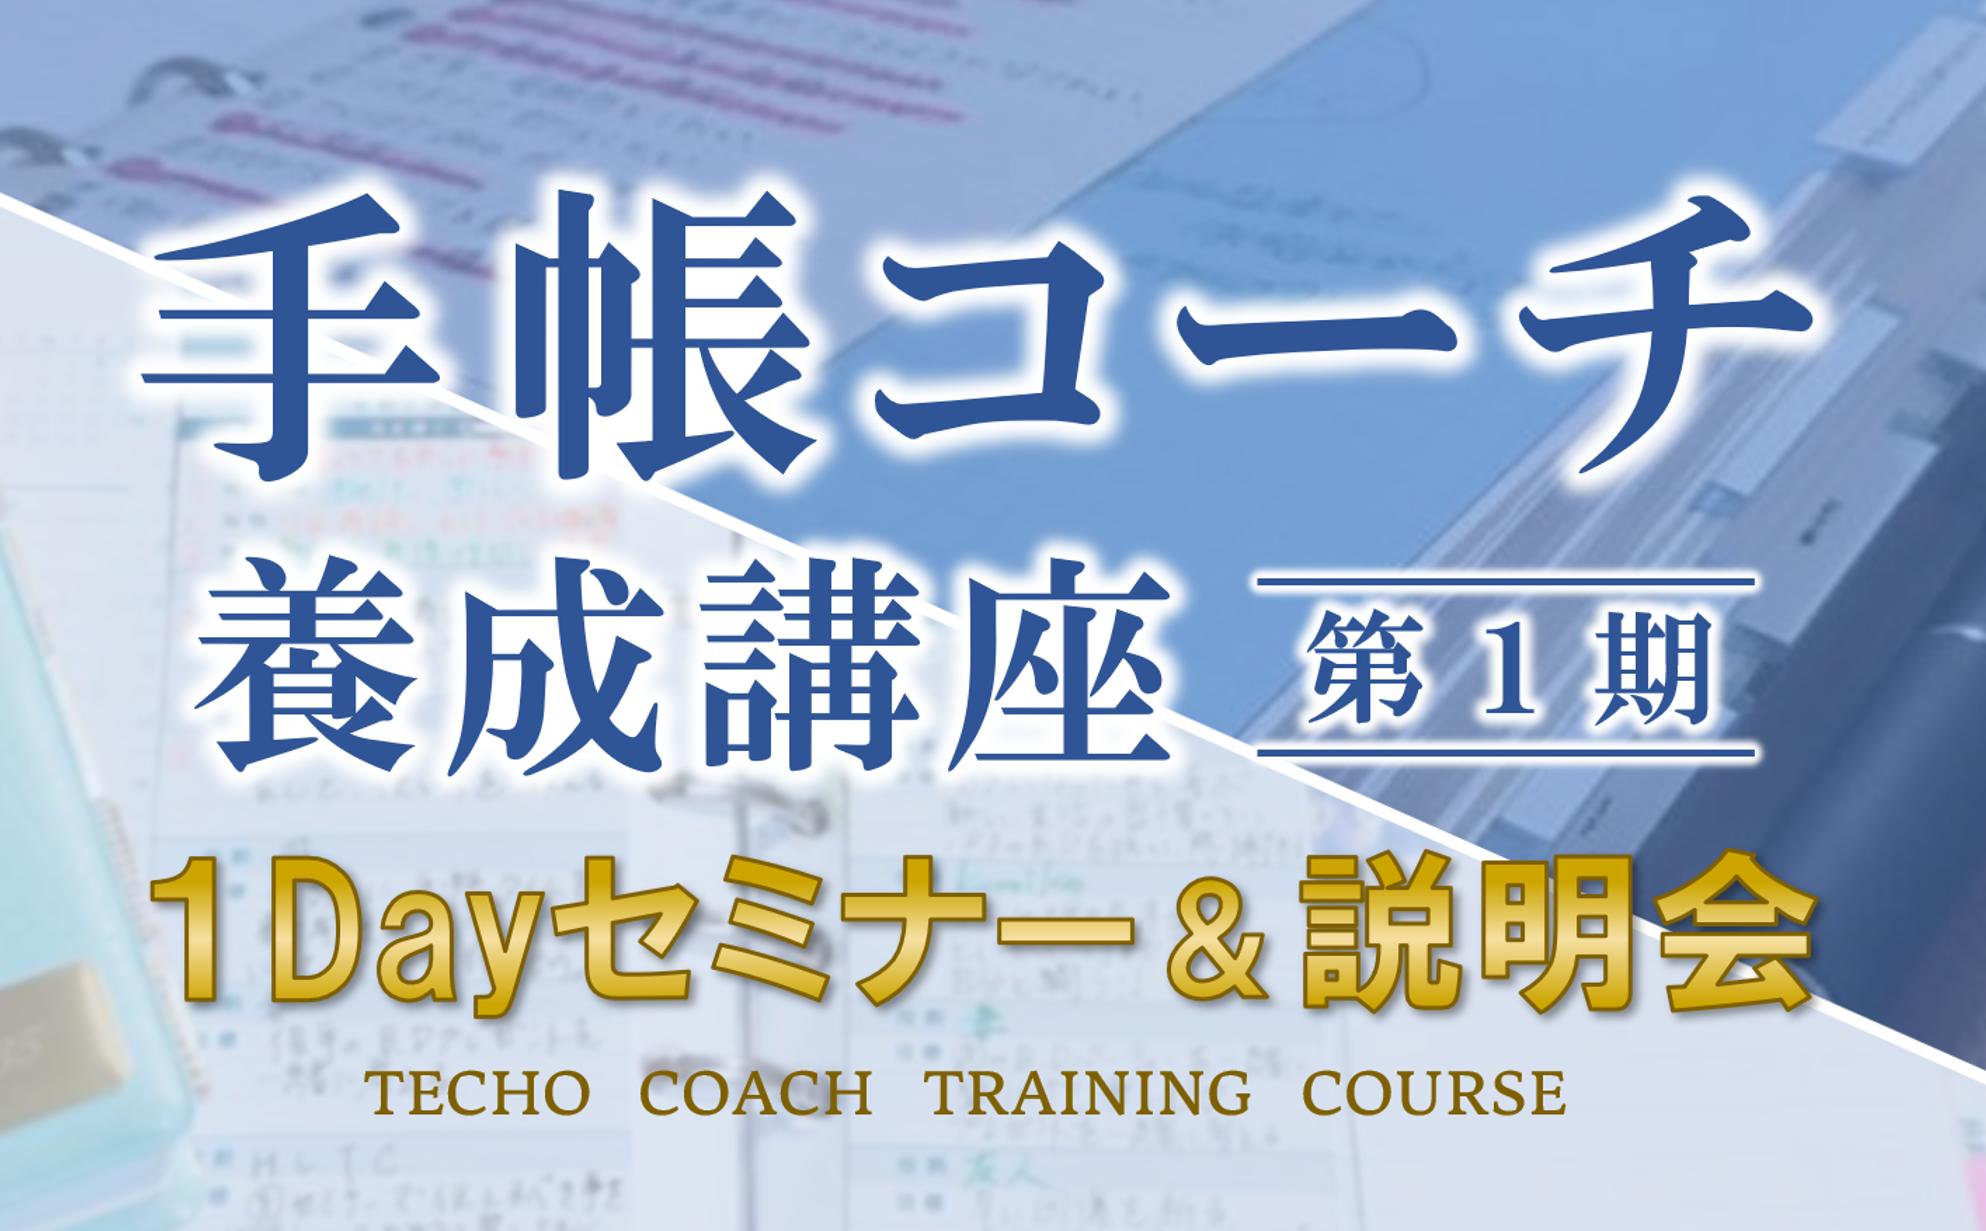 【手帳コーチ養成講座】Zoomオンライン説明会も開催することになりました!